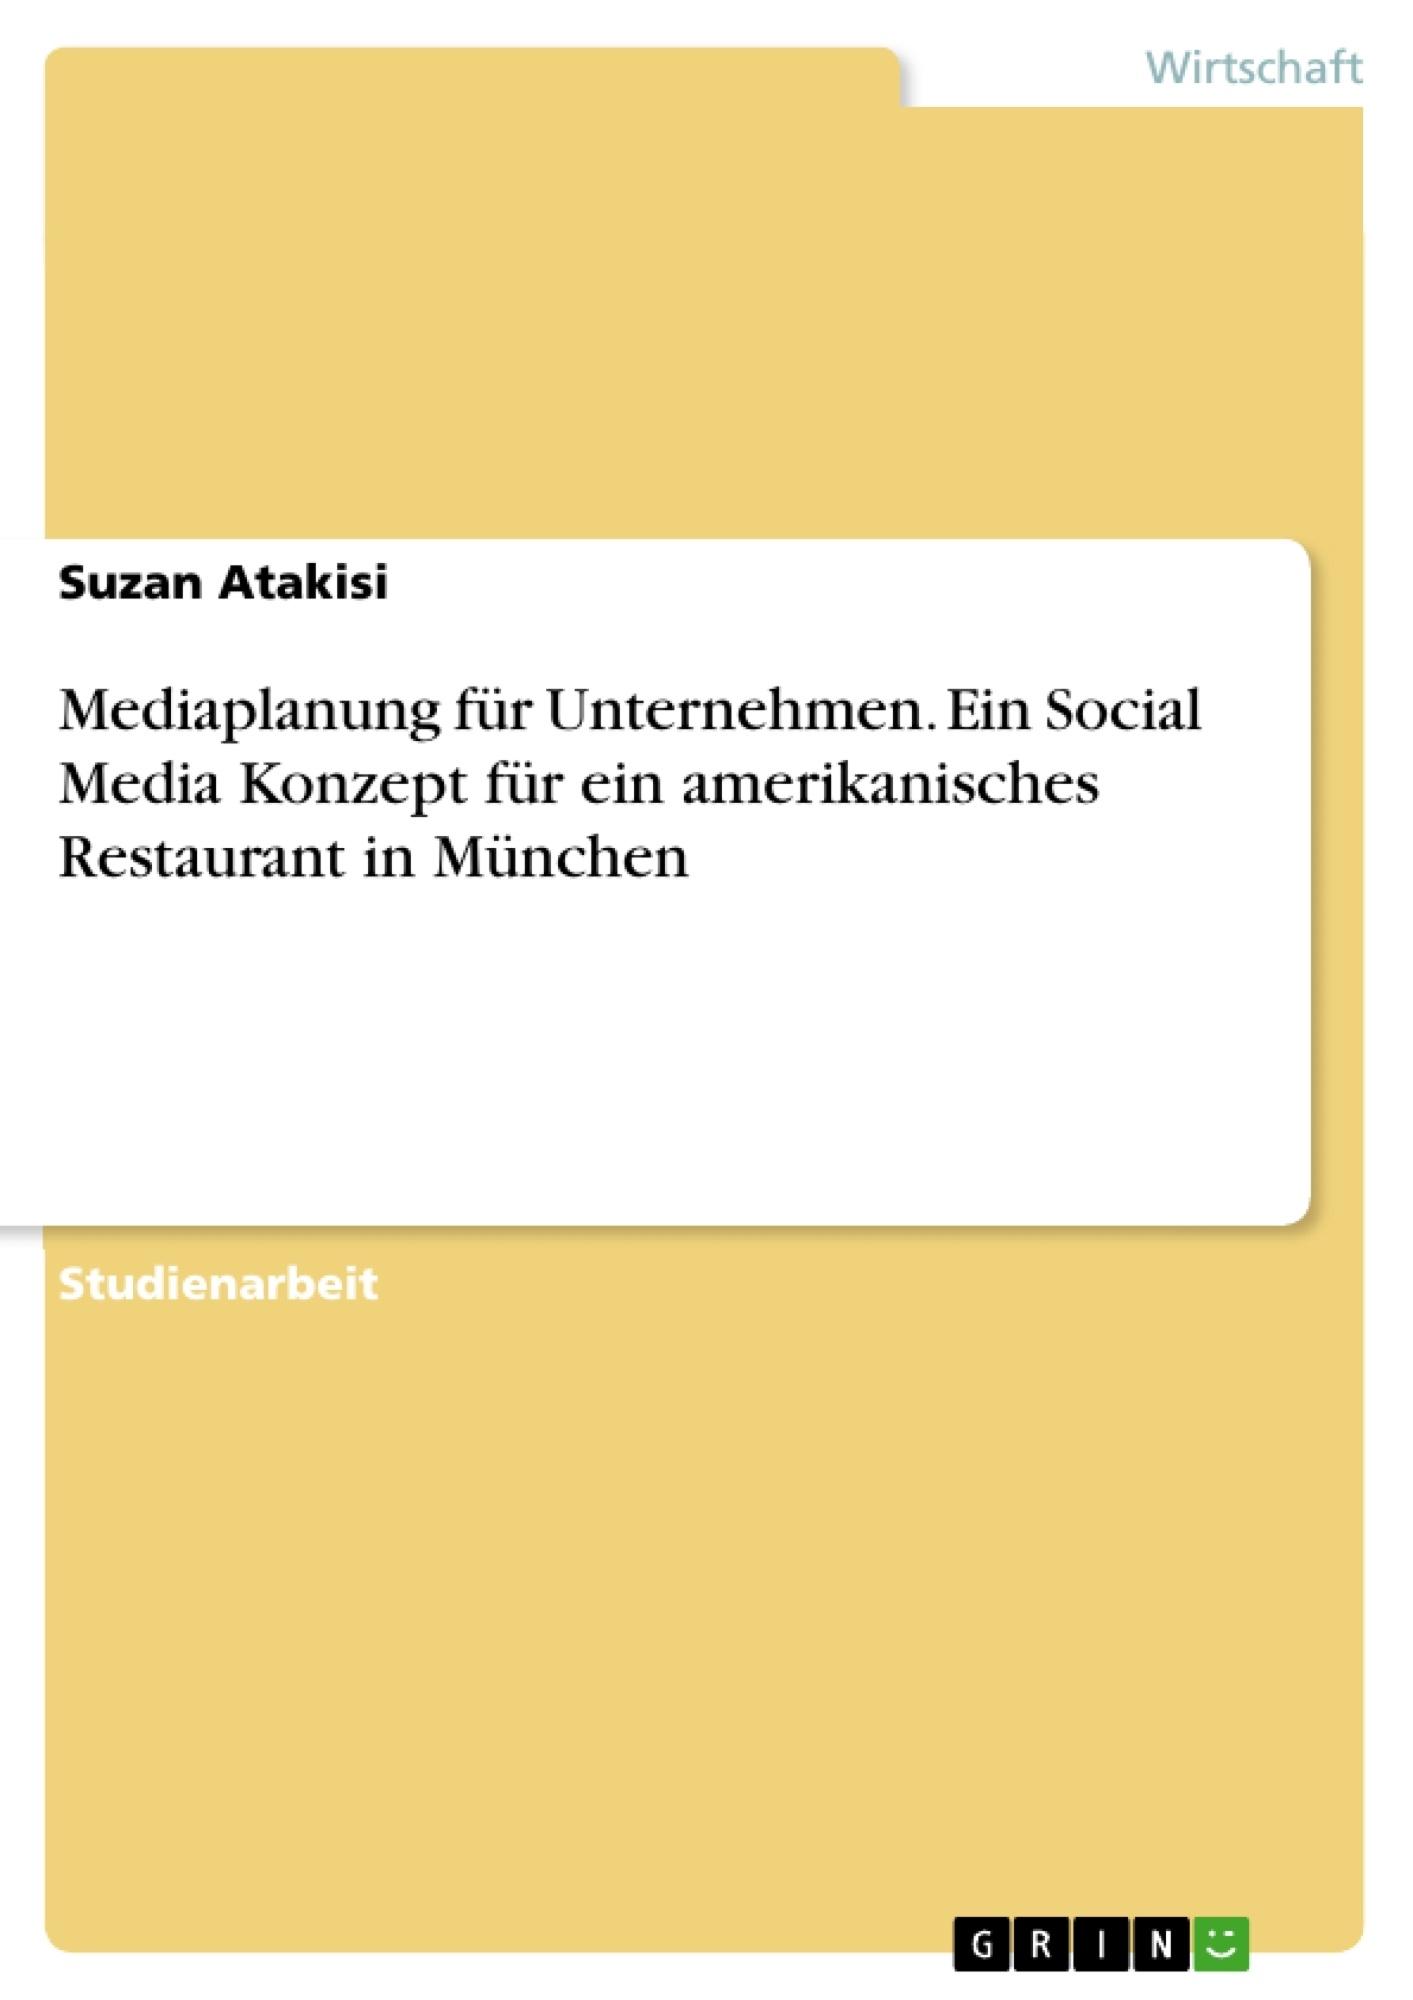 Titel: Mediaplanung für Unternehmen. Ein Social Media Konzept für ein amerikanisches Restaurant in München